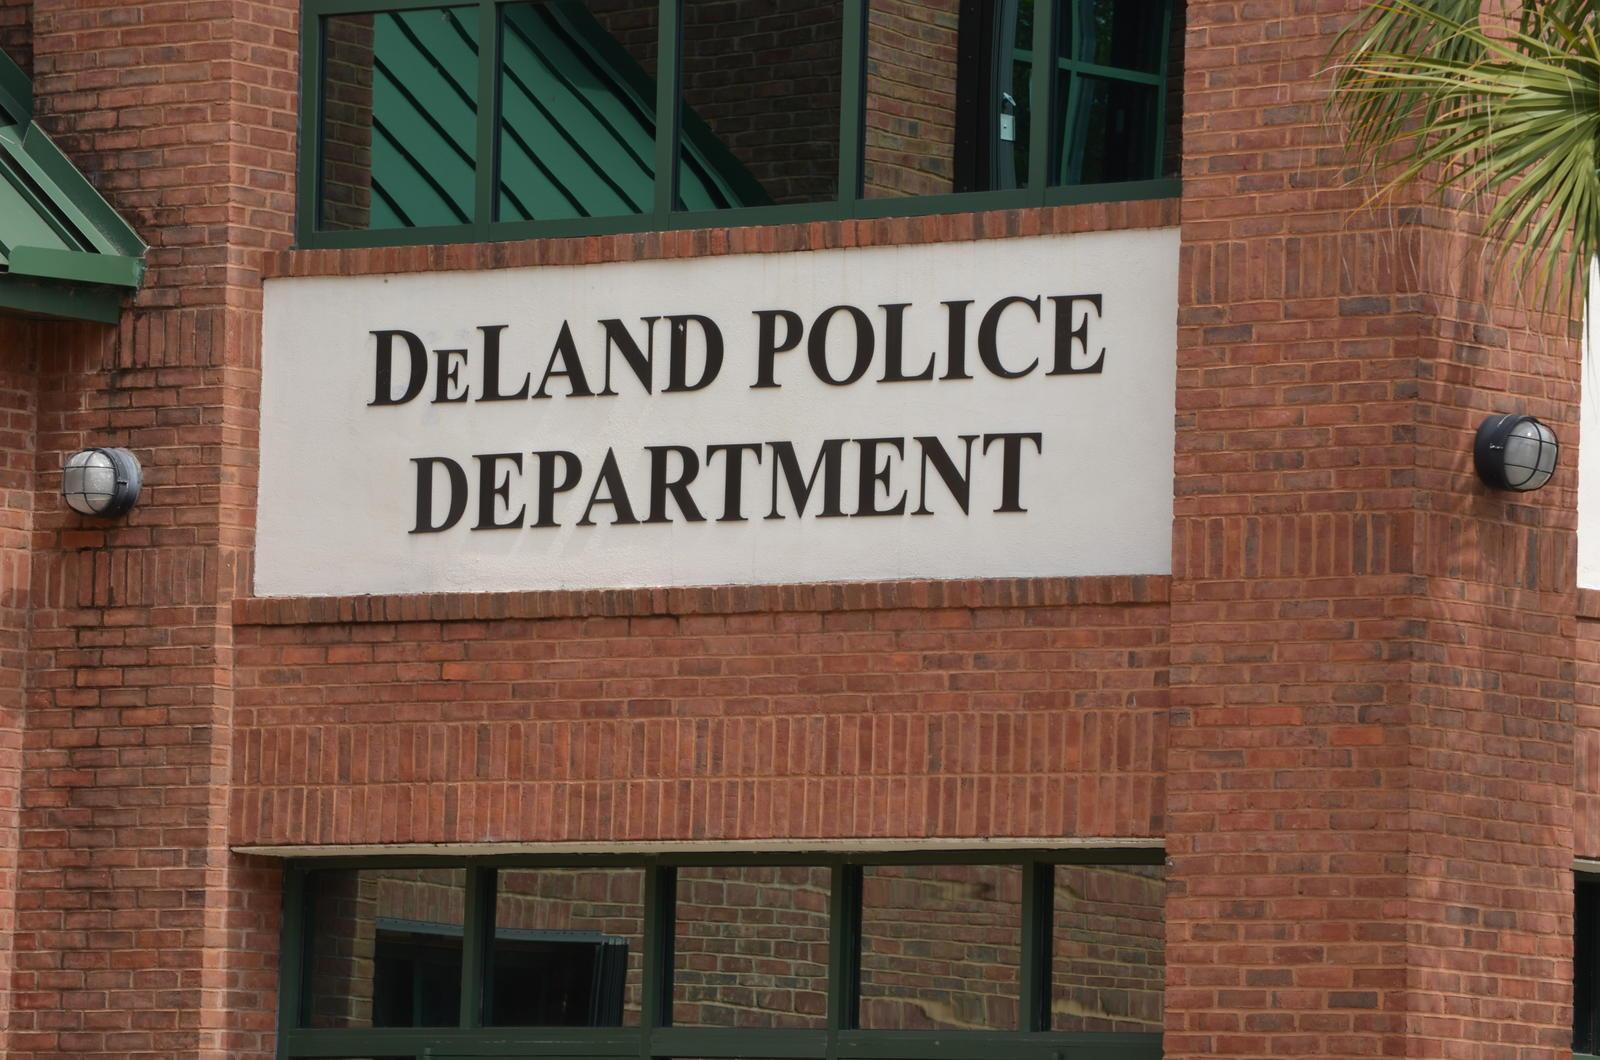 DeLand Police Department Policies